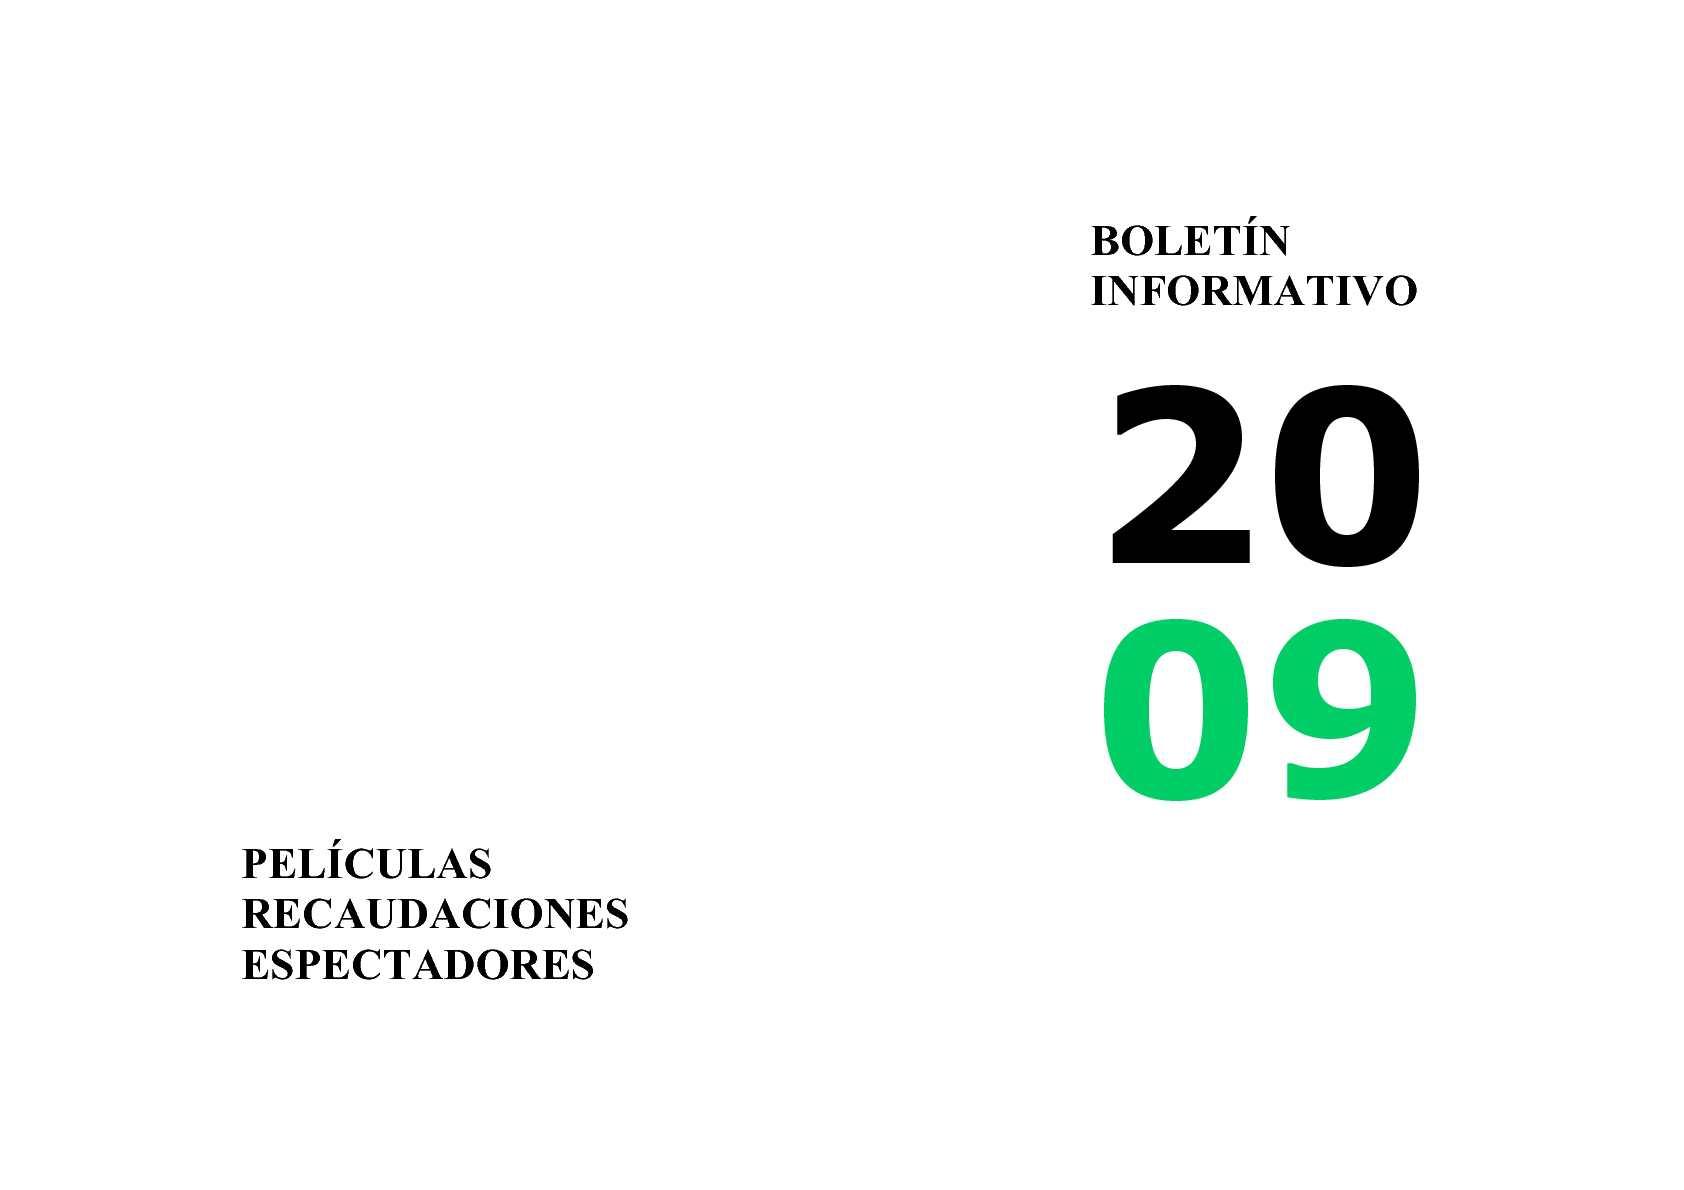 Calam O Bolet N Informativo 2009 Pel Culas Recaudaciones  # Muebles Casal Tauste